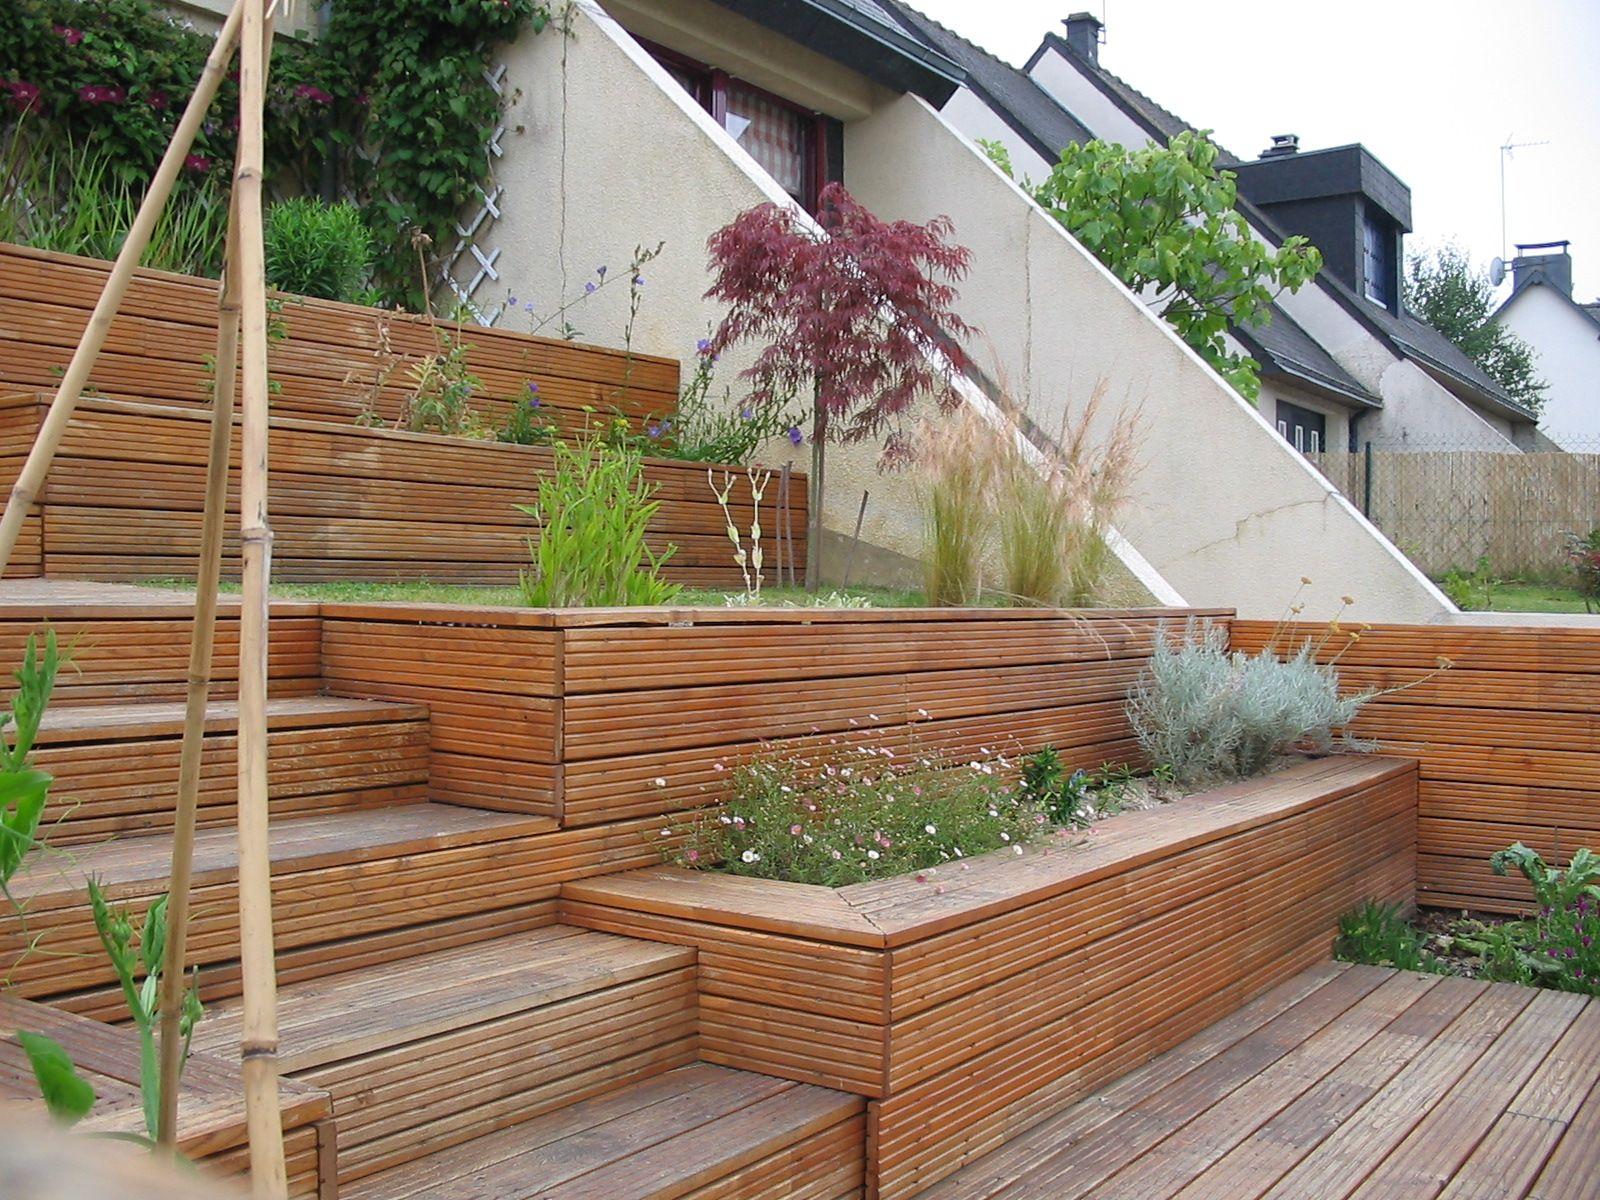 terrasse en bois recherche google exterieur hage. Black Bedroom Furniture Sets. Home Design Ideas